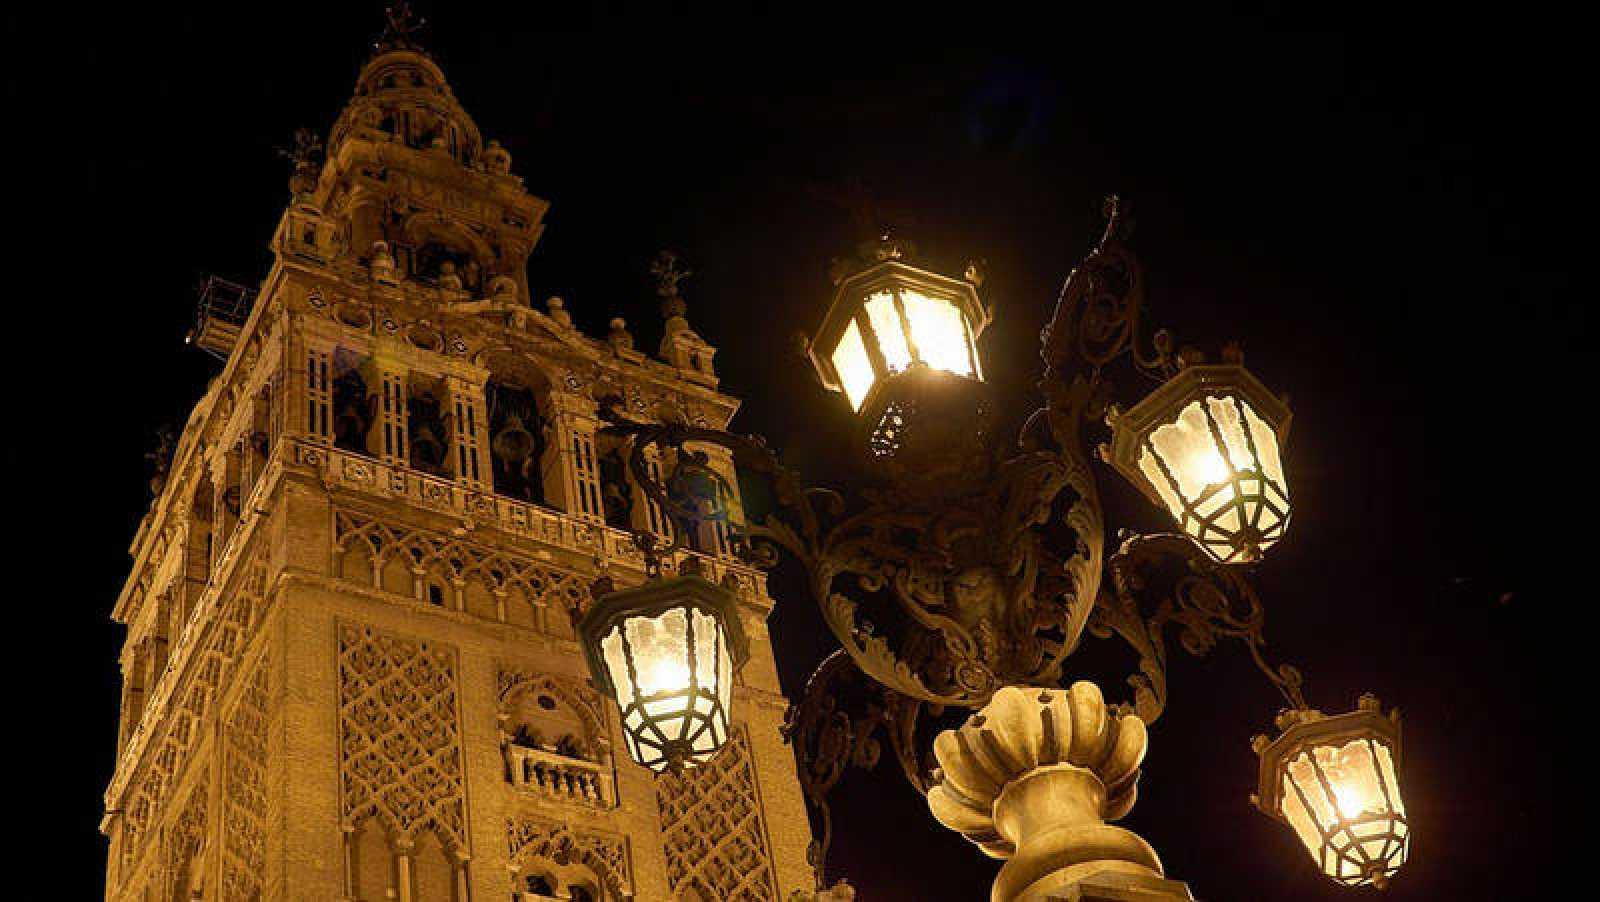 Especial 'La noche transfigurada' en Sevilla